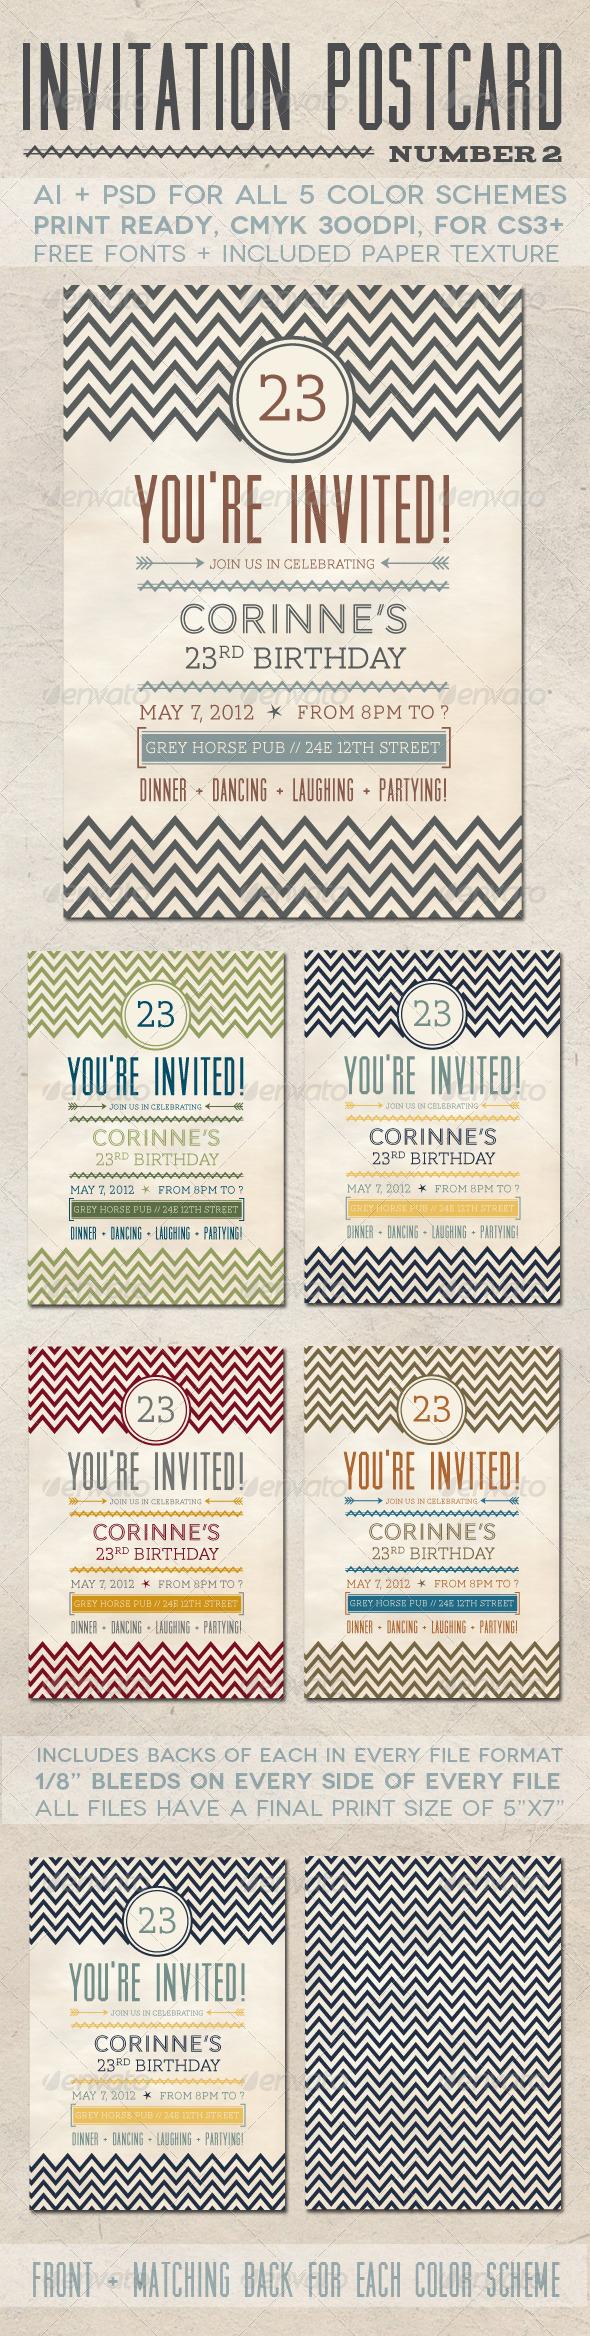 GraphicRiver Invitation Postcard 2 1586745